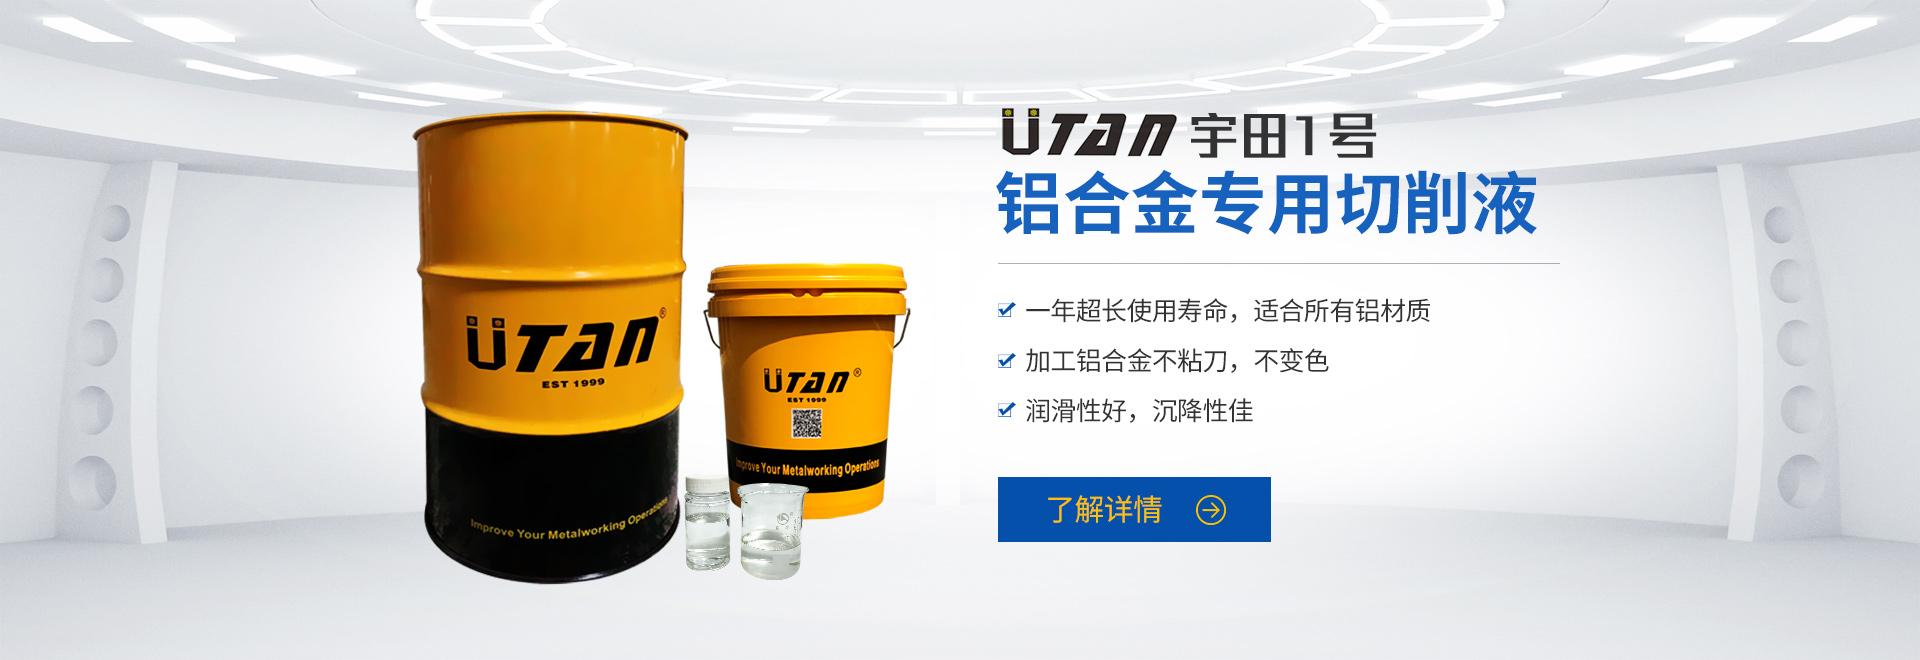 宇田科技-铝合金专用切削液